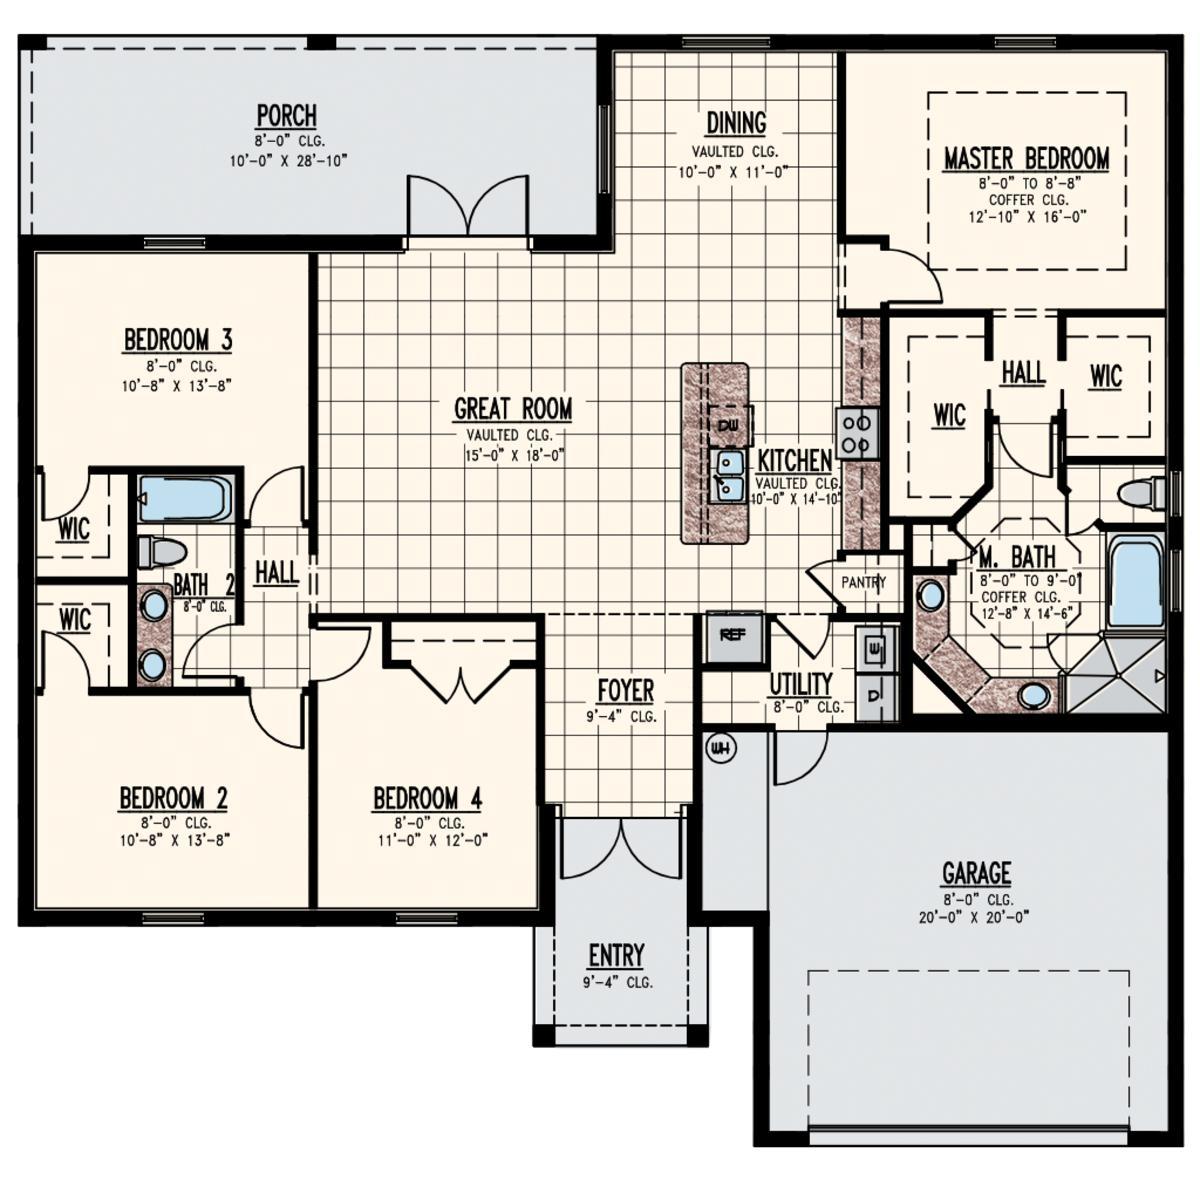 Bradford Model Floor Plan